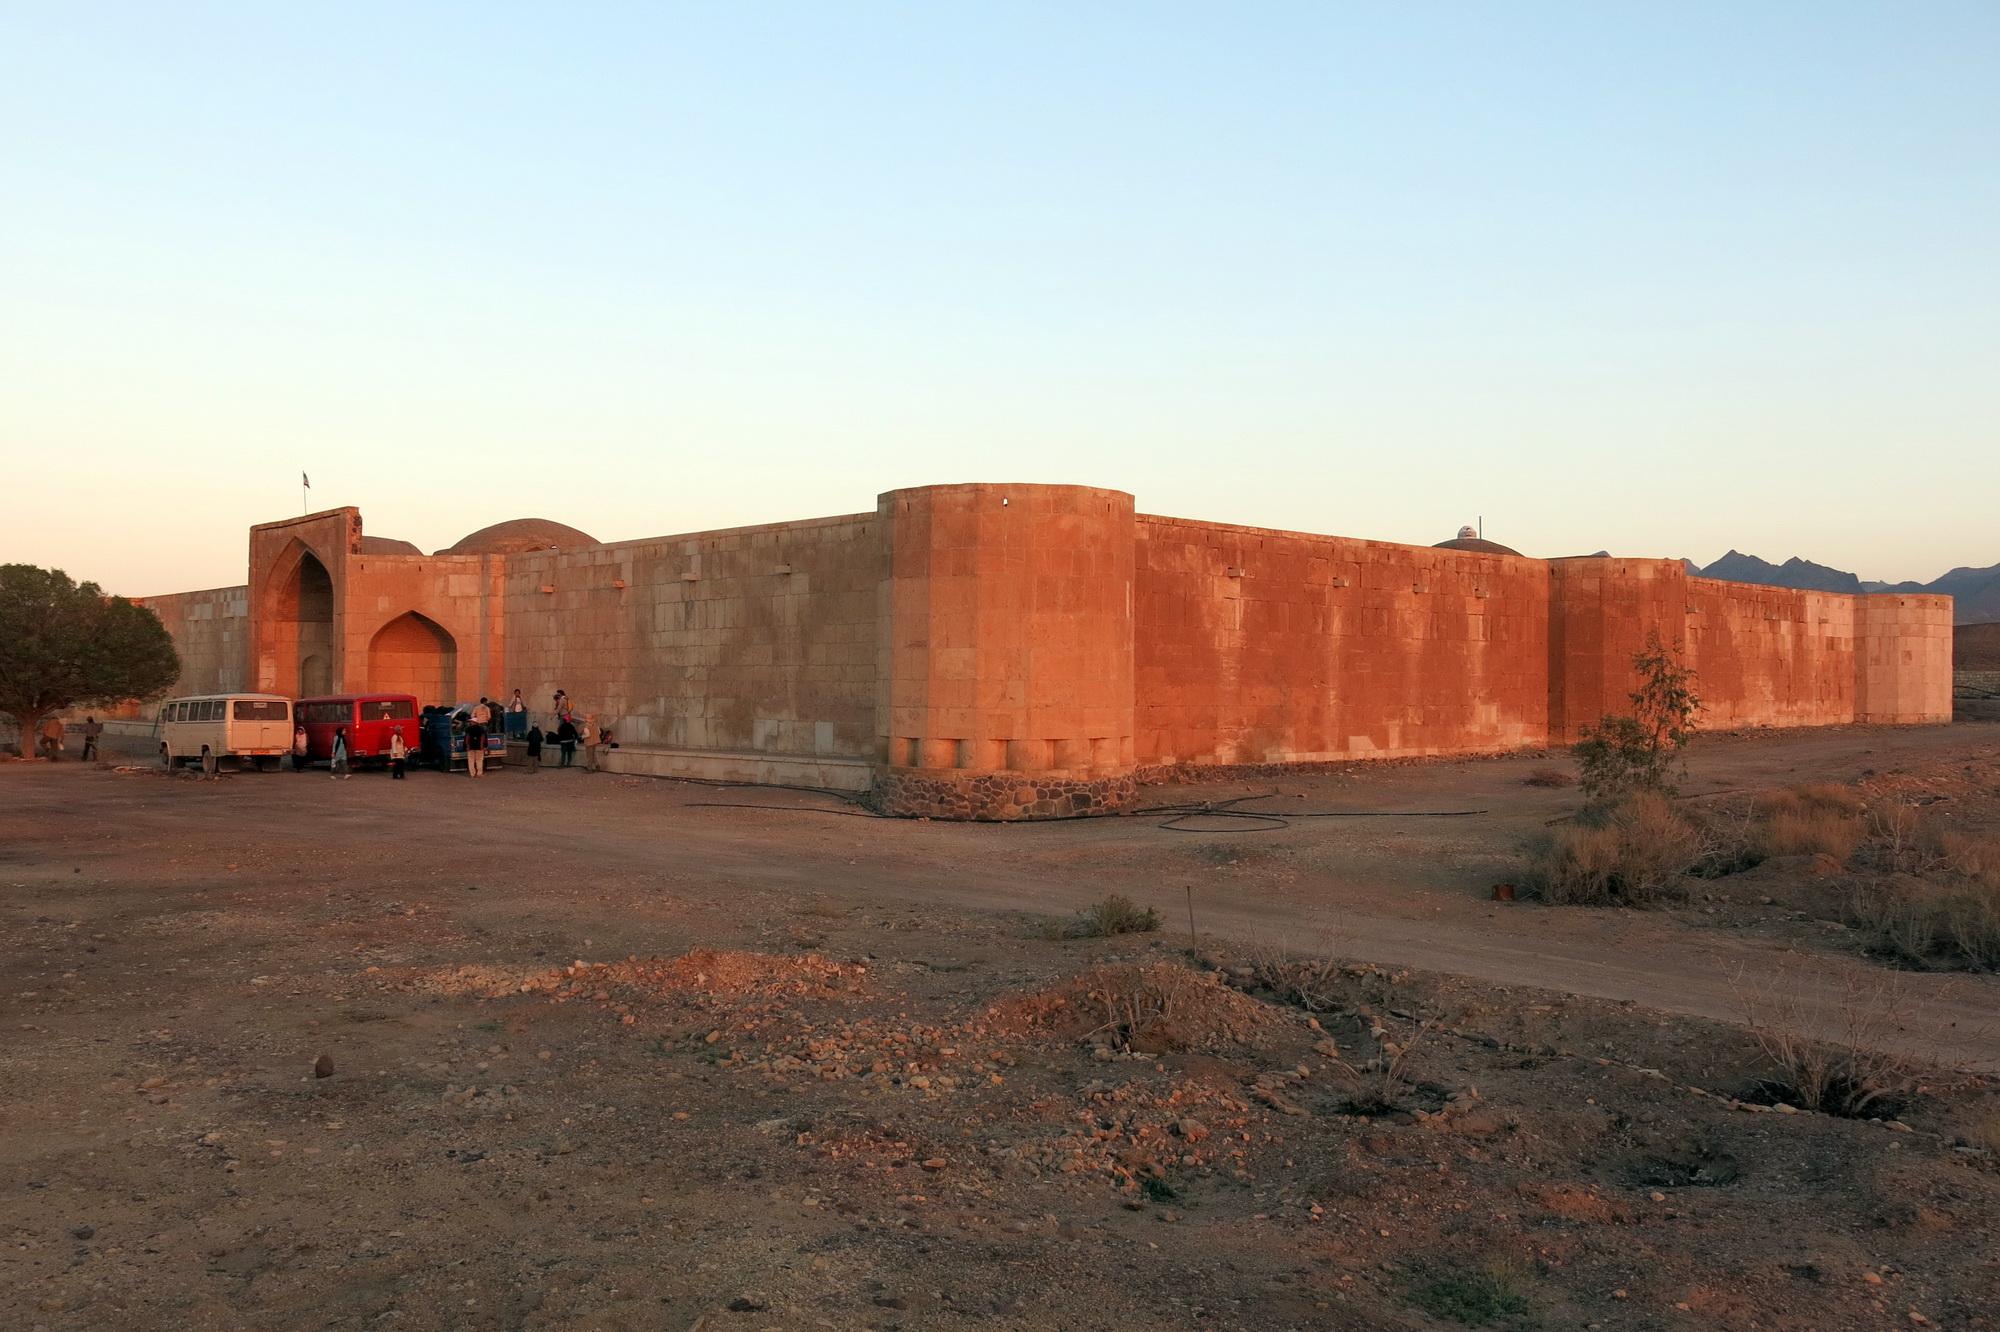 کروانسرای قصر بهرام